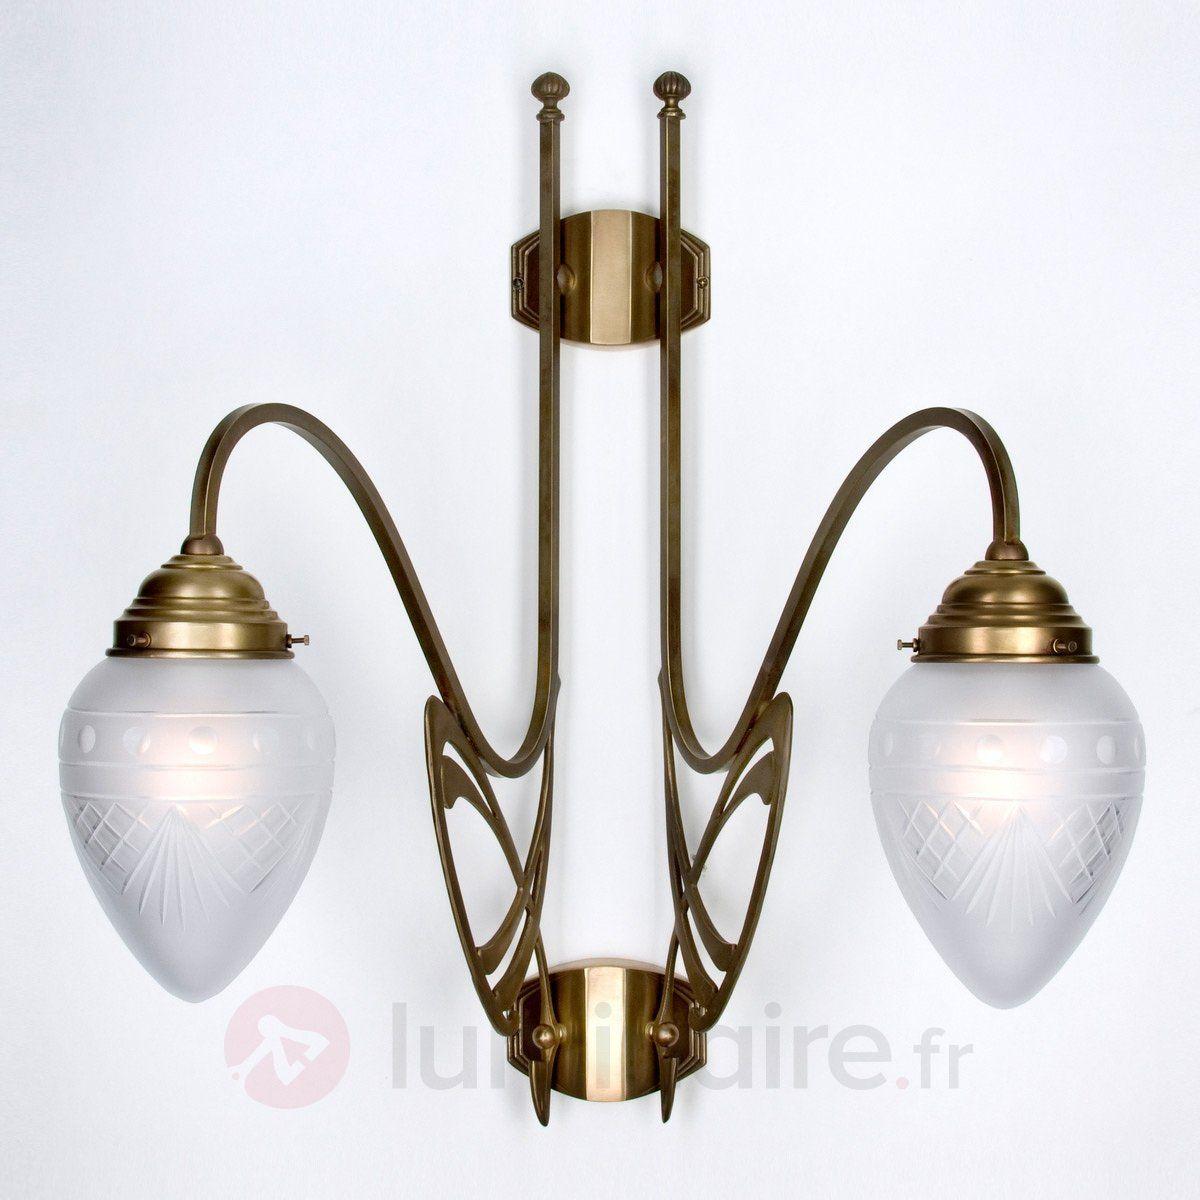 Applique Murale 2 En À LaitonLight Vienne Lampes Lampe 6bgyYf7